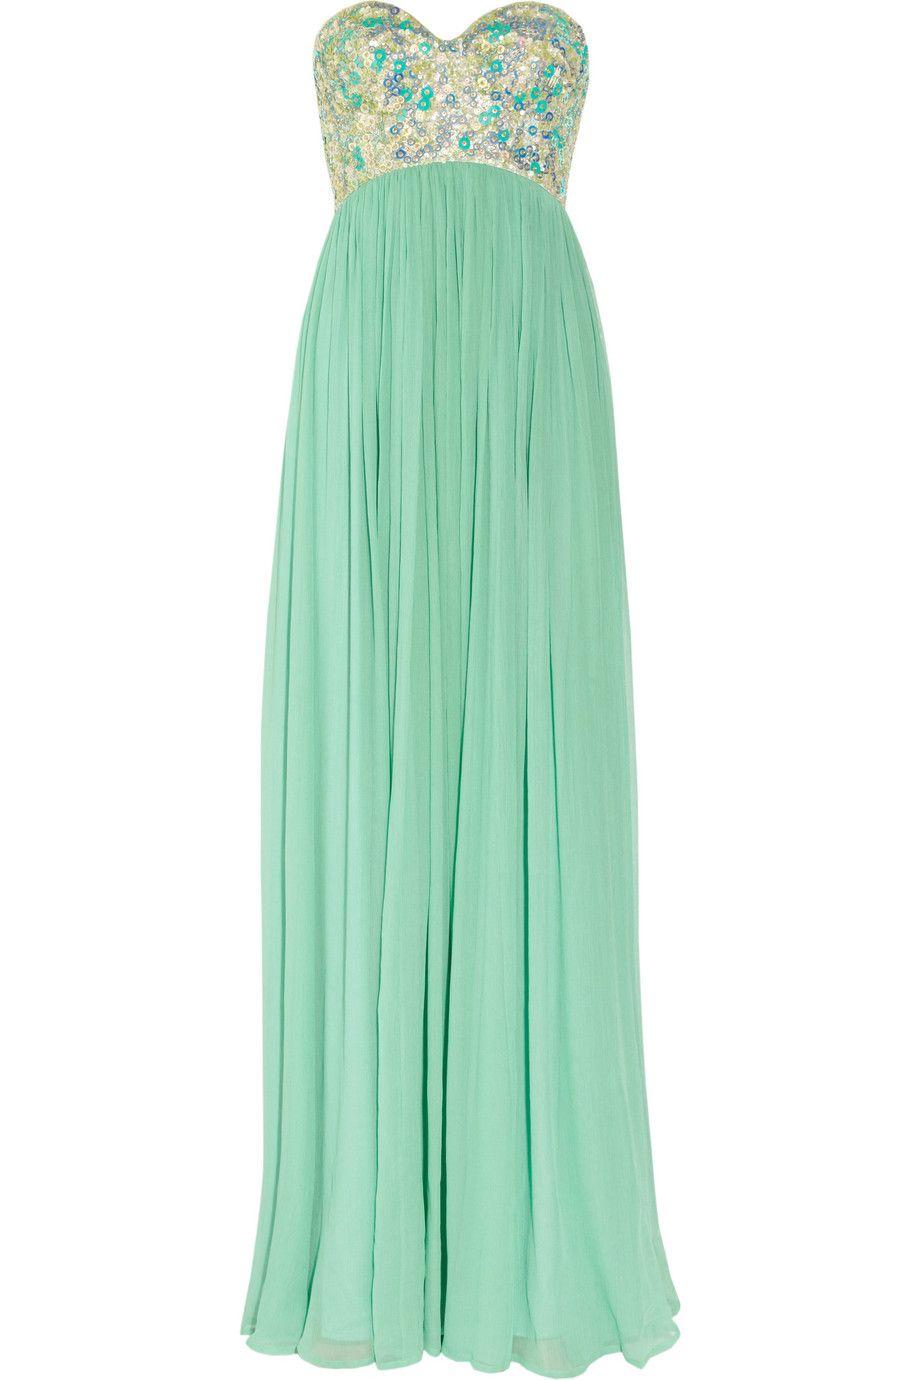 Rachel Gilbert Sonya Sequined-Bodice Silk-Crepe Gown